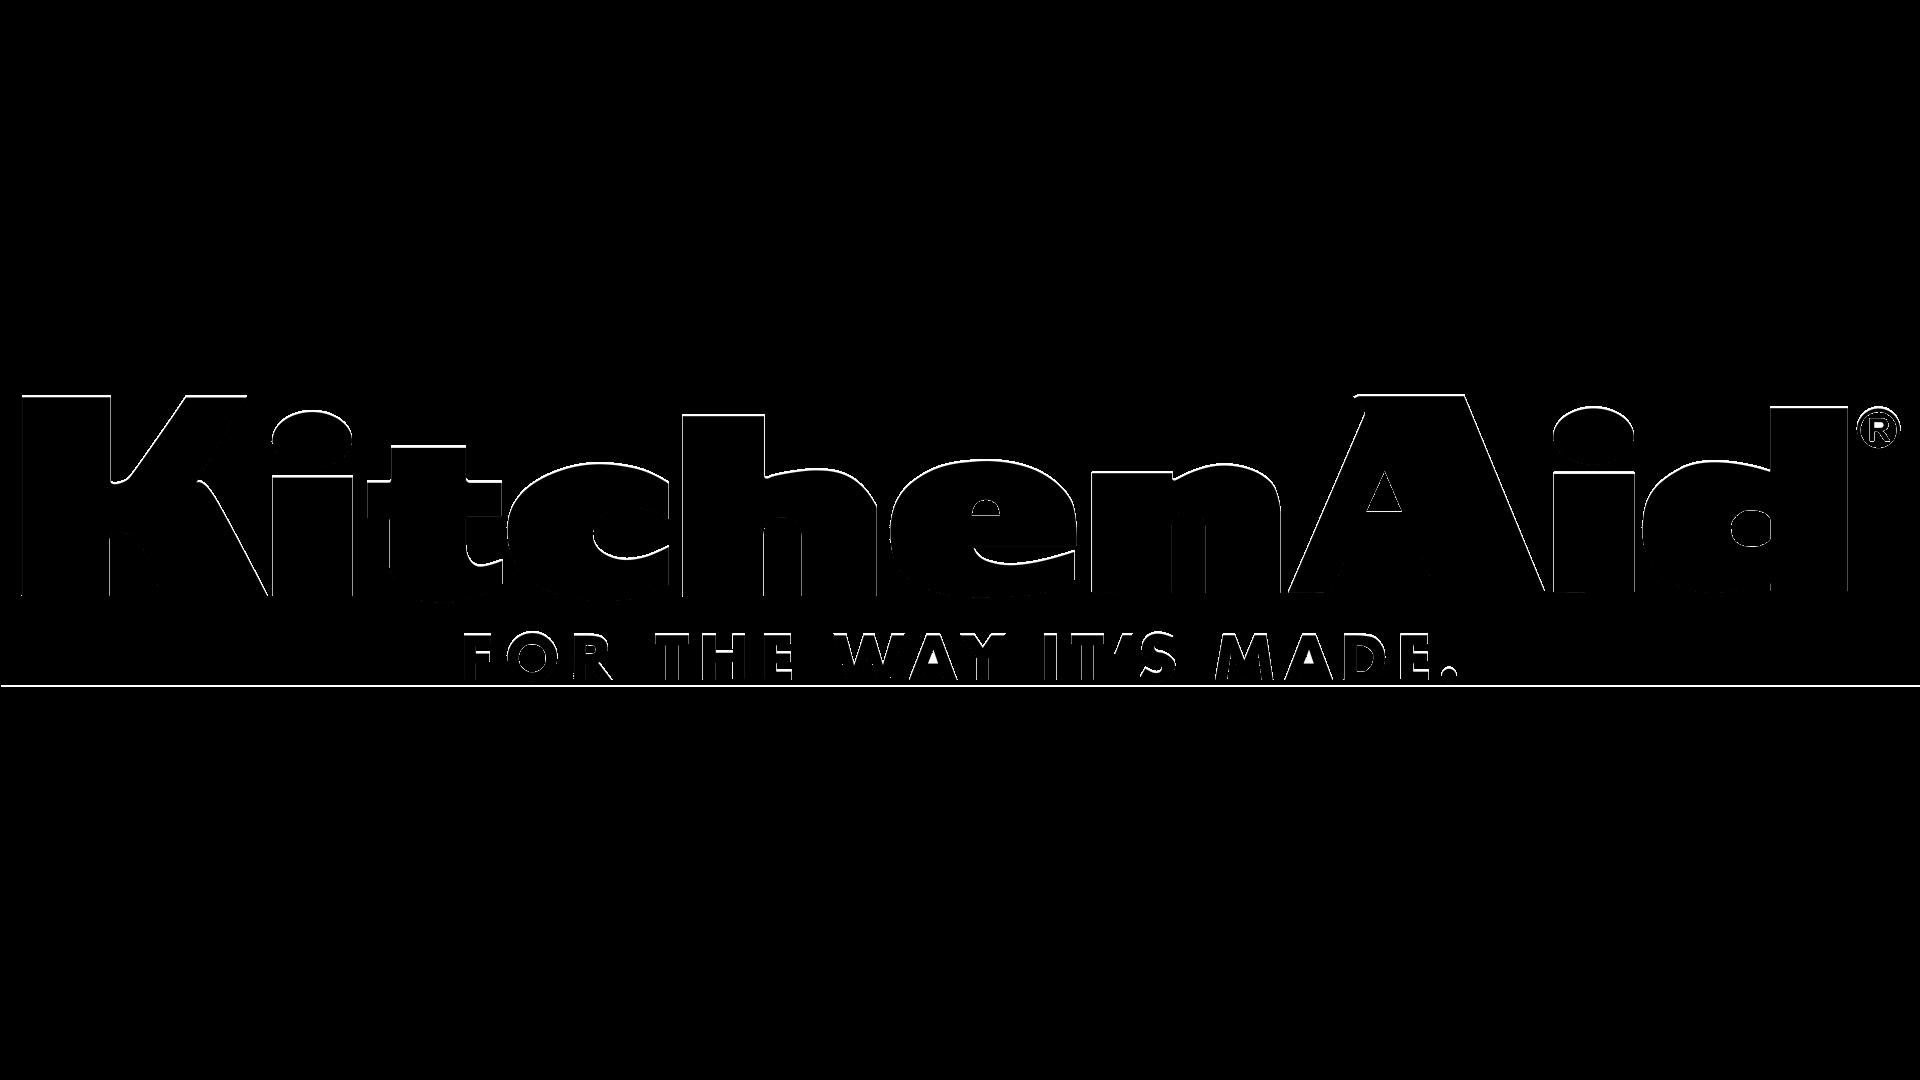 KitchenAid-logo-black-friday-2018